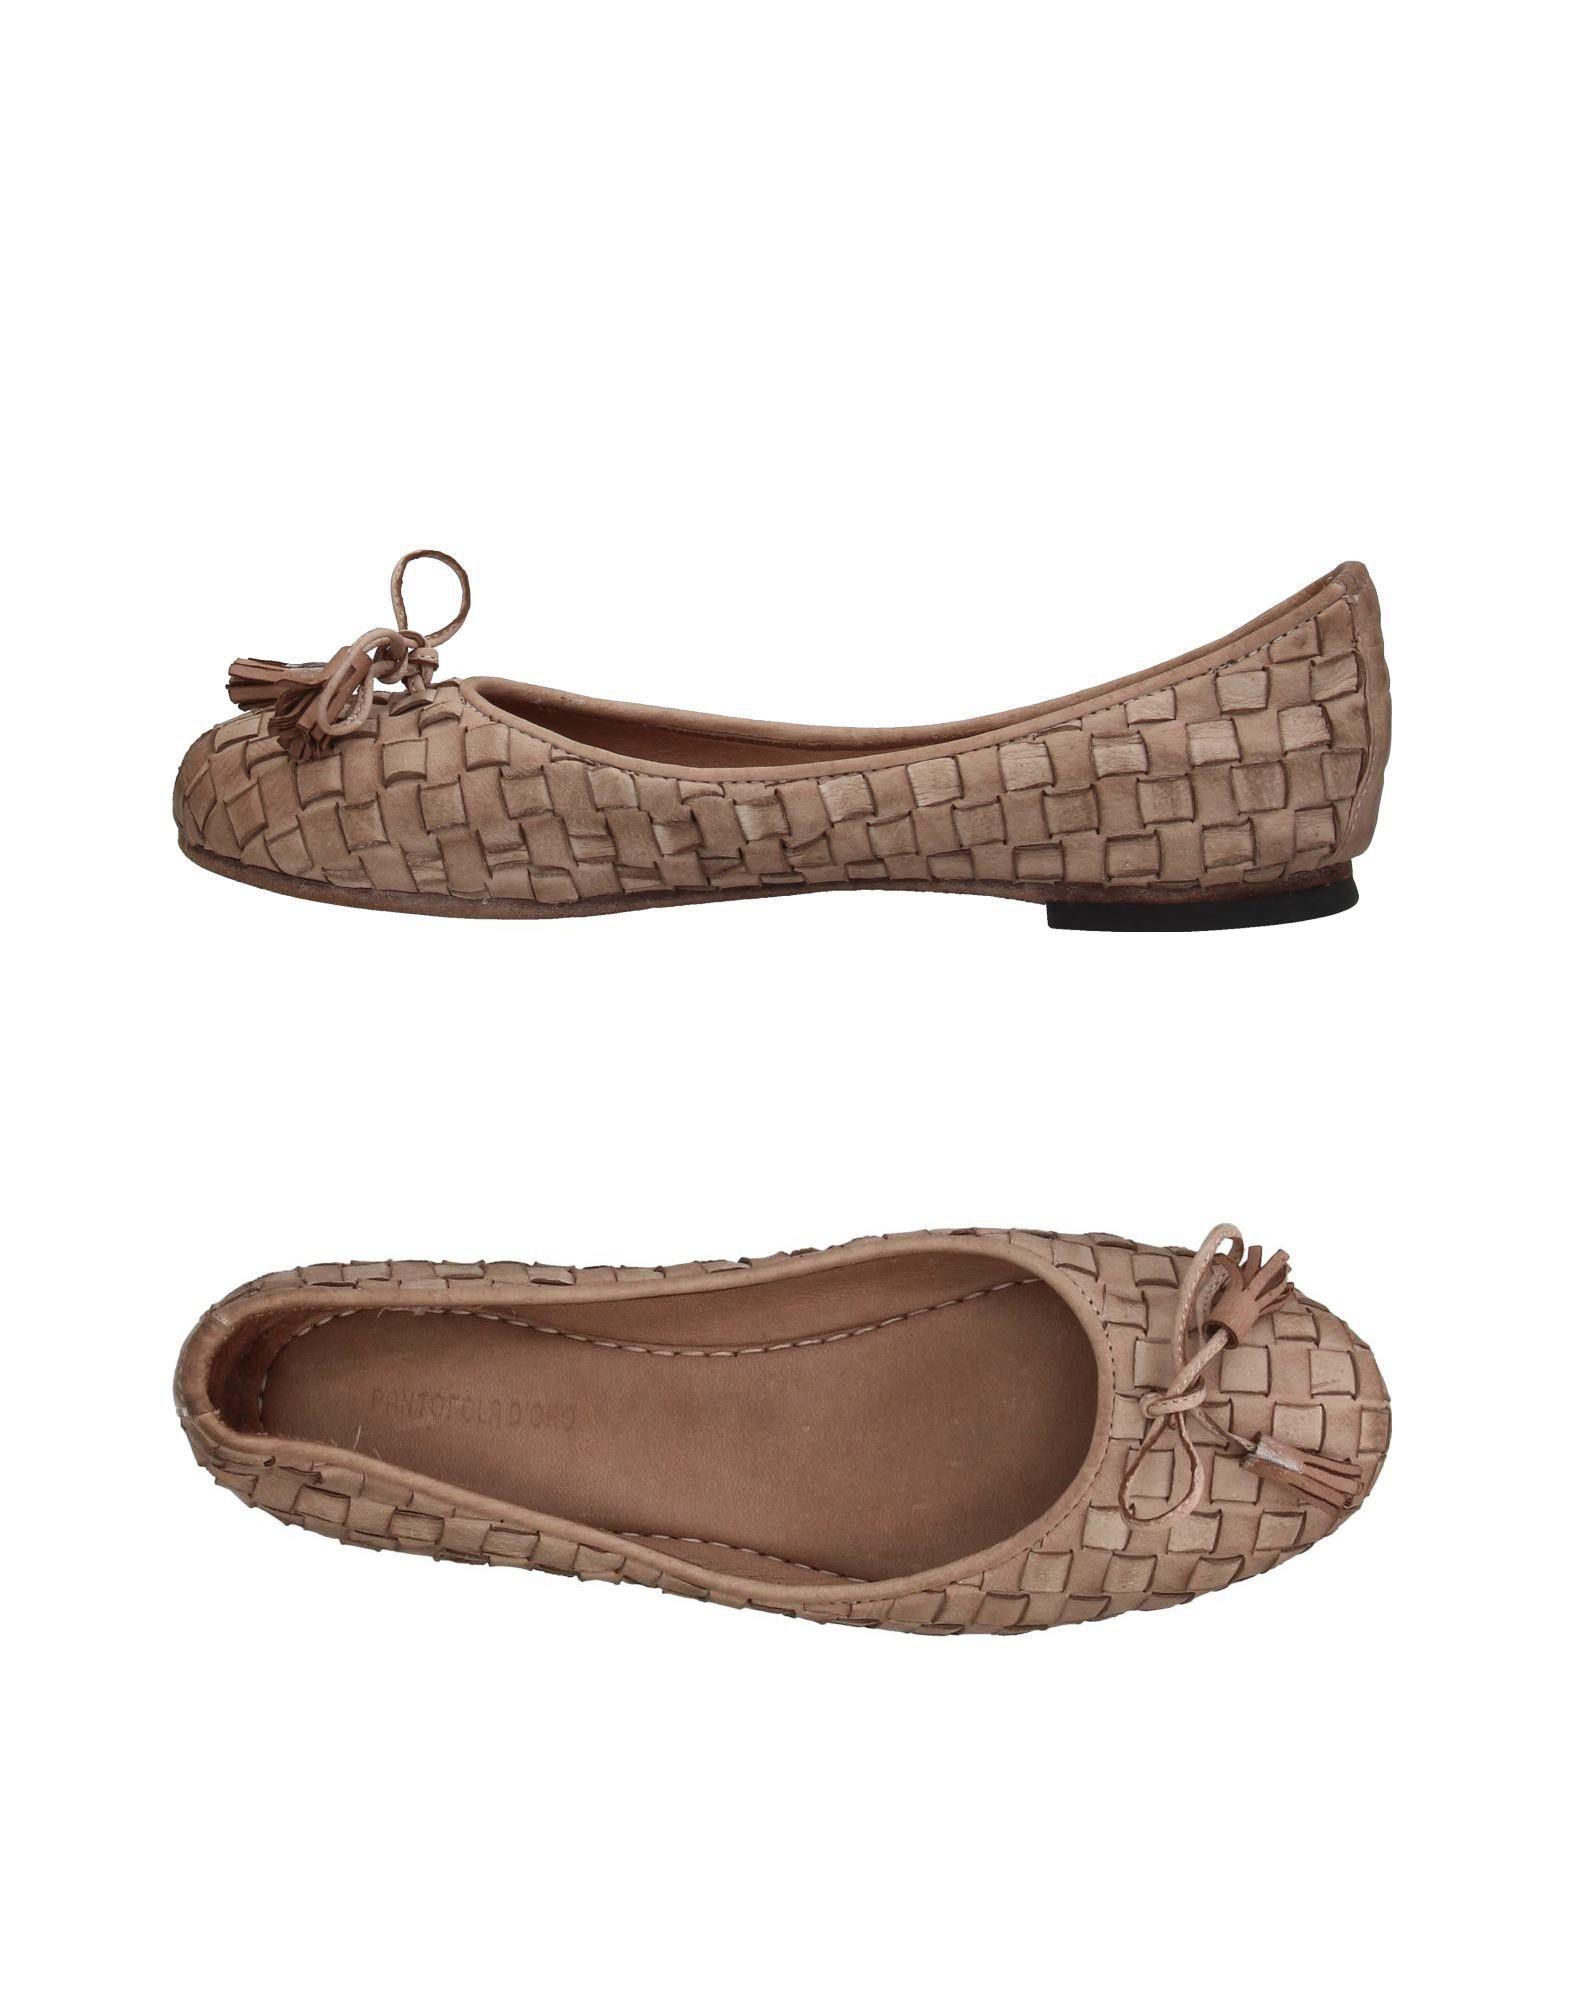 Pantofola D'oro Ballet Flats Ballet - Women Pantofola D'oro Ballet Flats Flats online on  Australia - 11339539RQ 945d8a